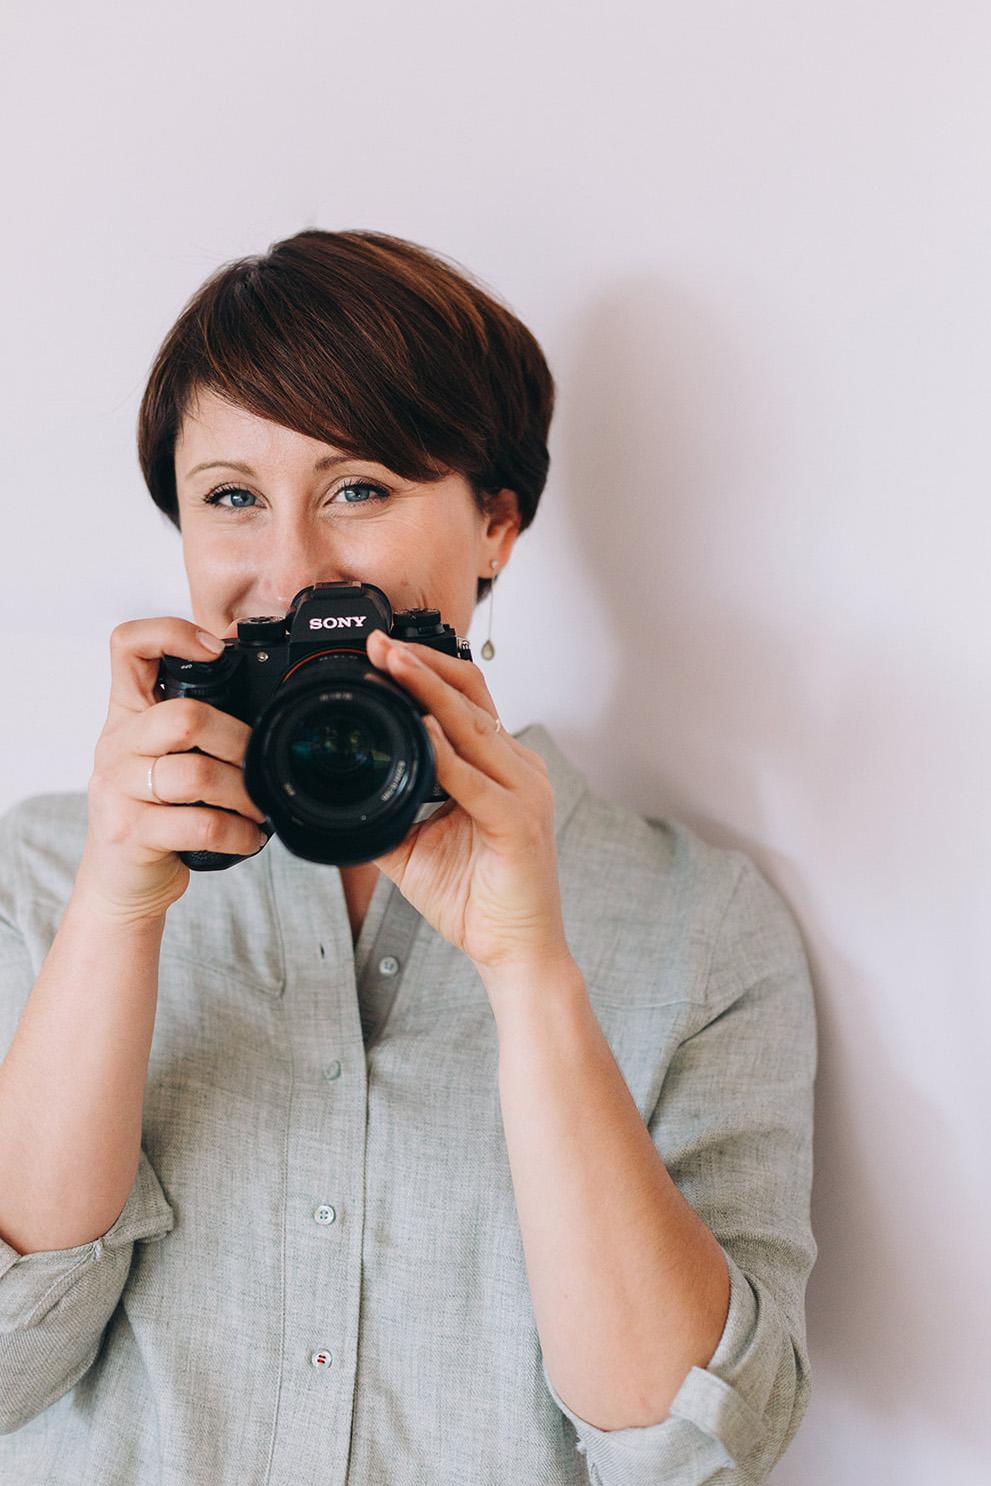 Fotokurs für Hobbyfotografen in Dillingen